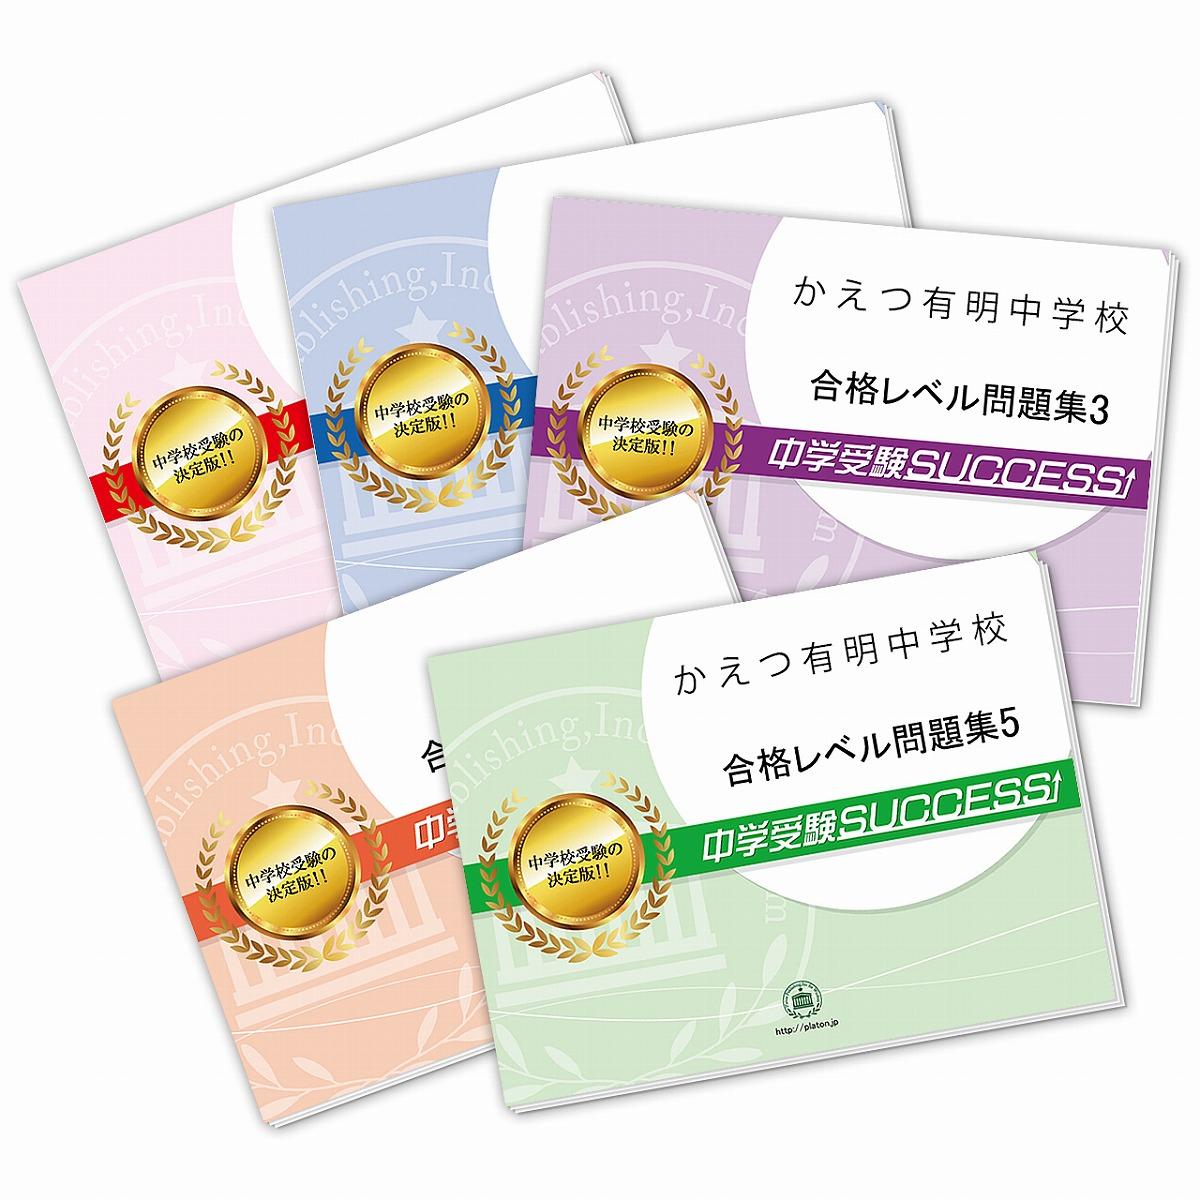 【送料・代引手数料無料】かえつ有明中学校・直前対策合格セット(5冊)